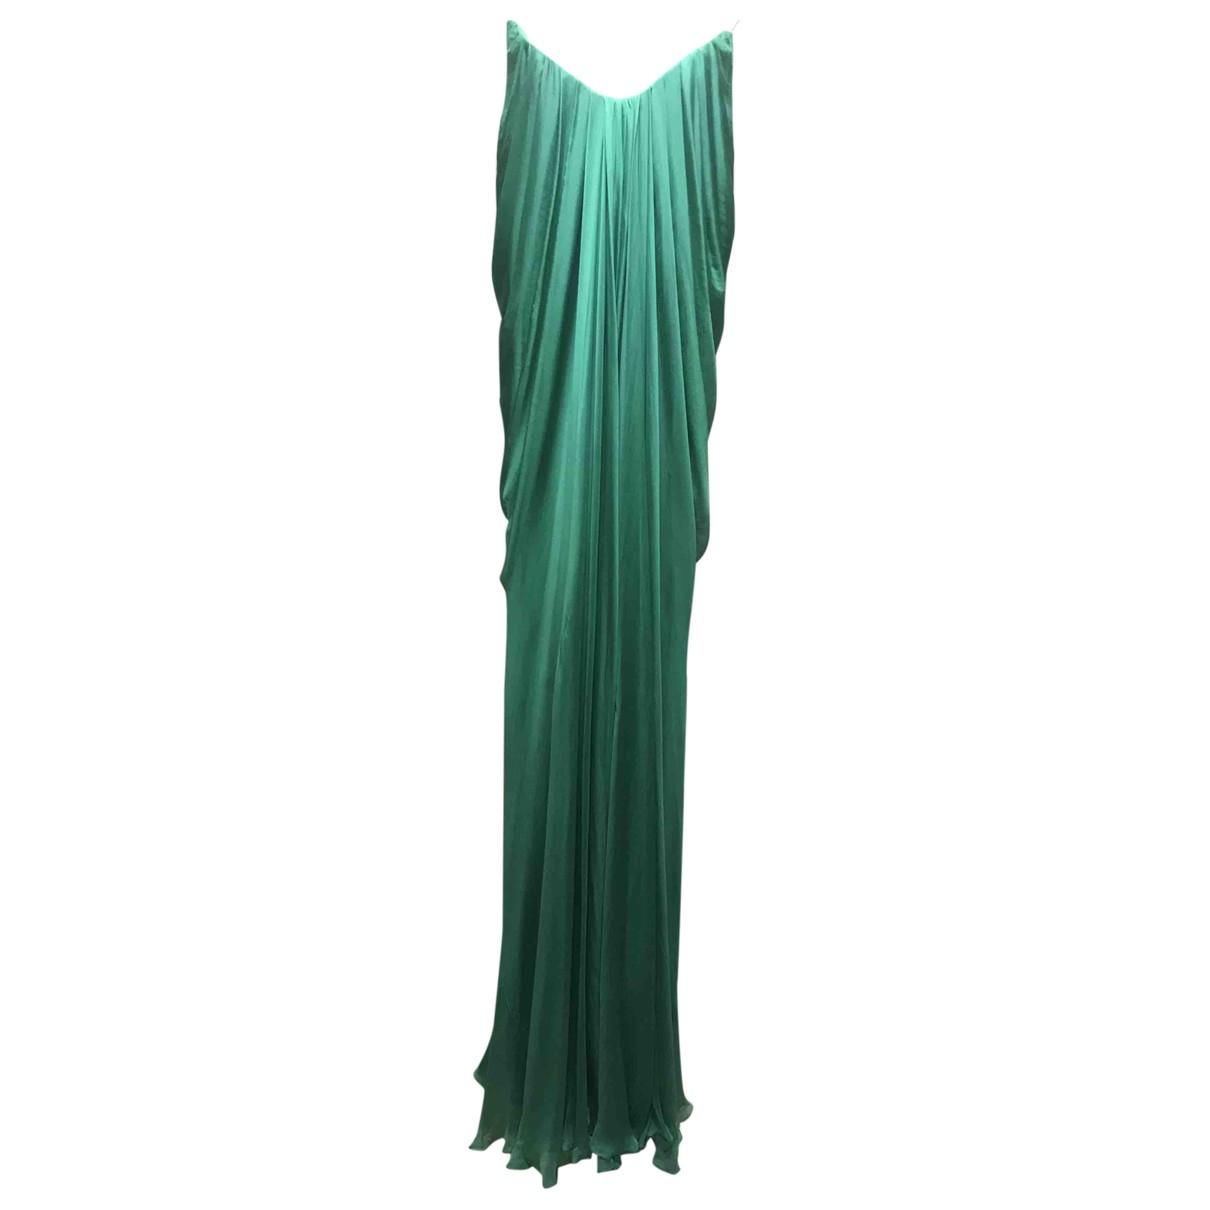 Alexander Mcqueen \N Green Silk dress for Women 42 IT